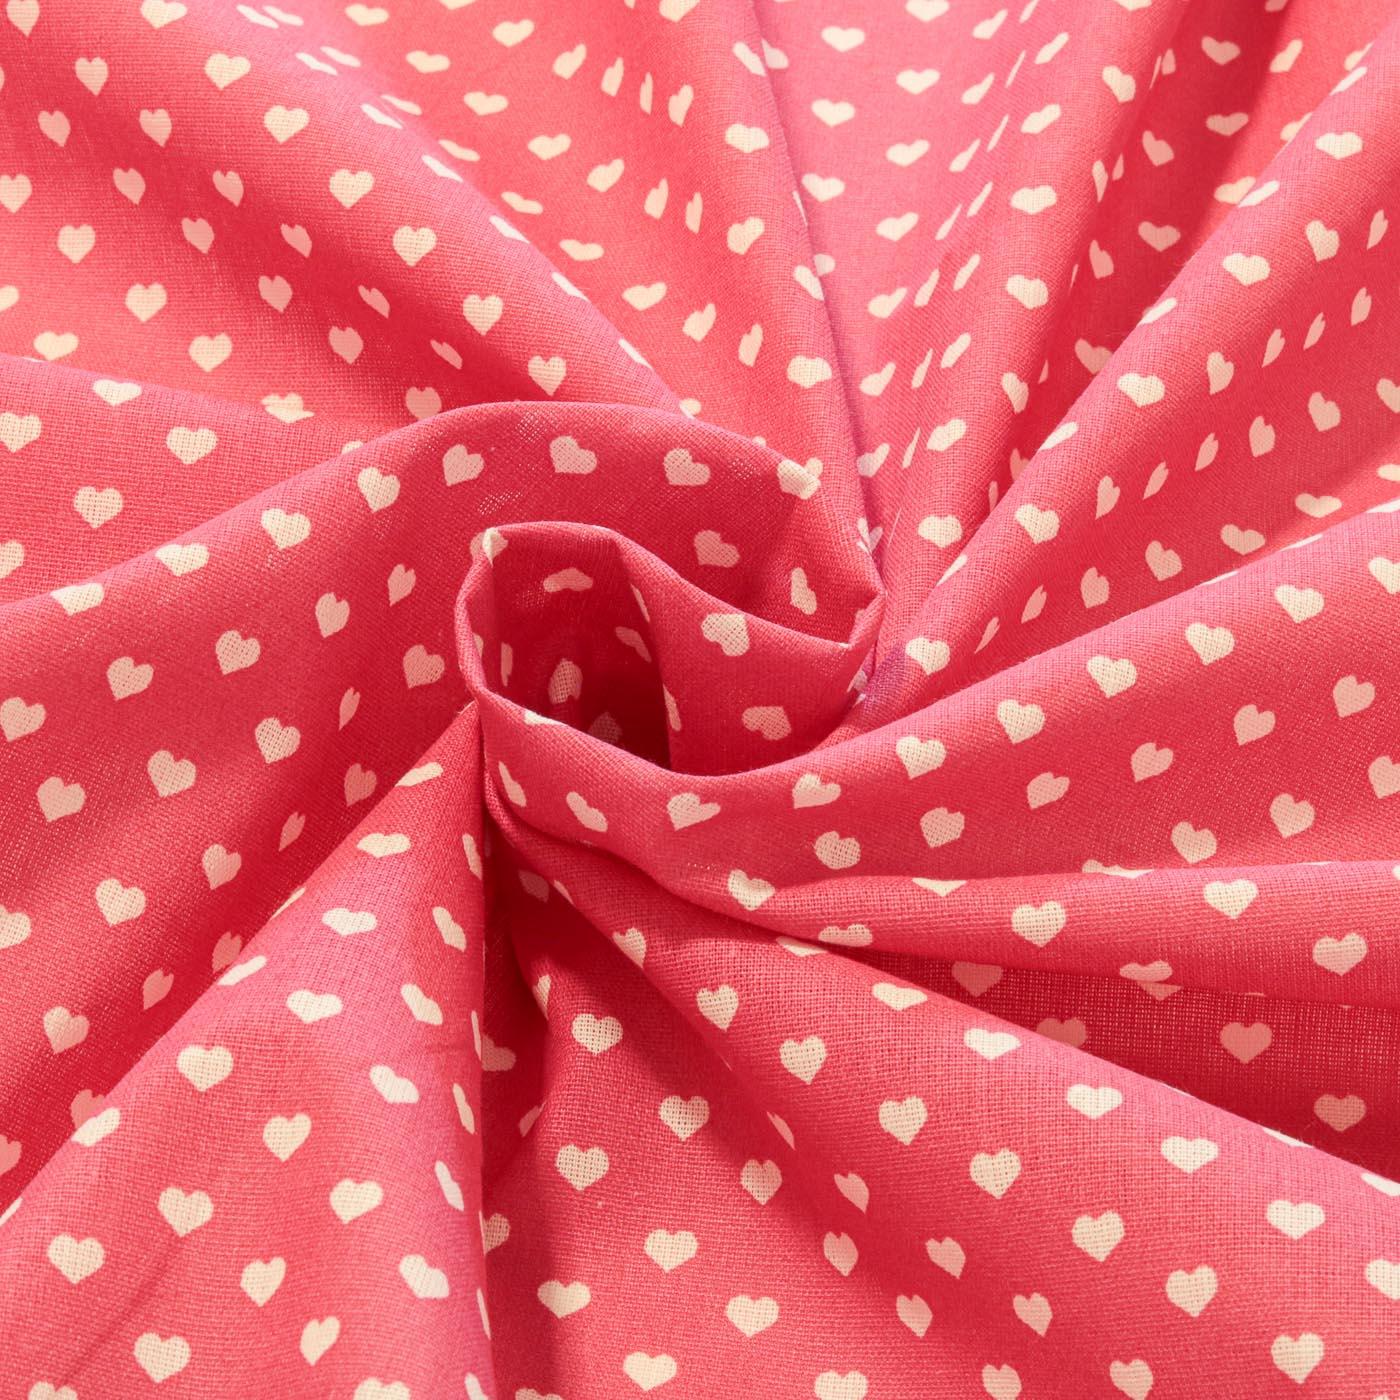 Tecido Tricoline Estampado Patchwork Coração Rosa Pink